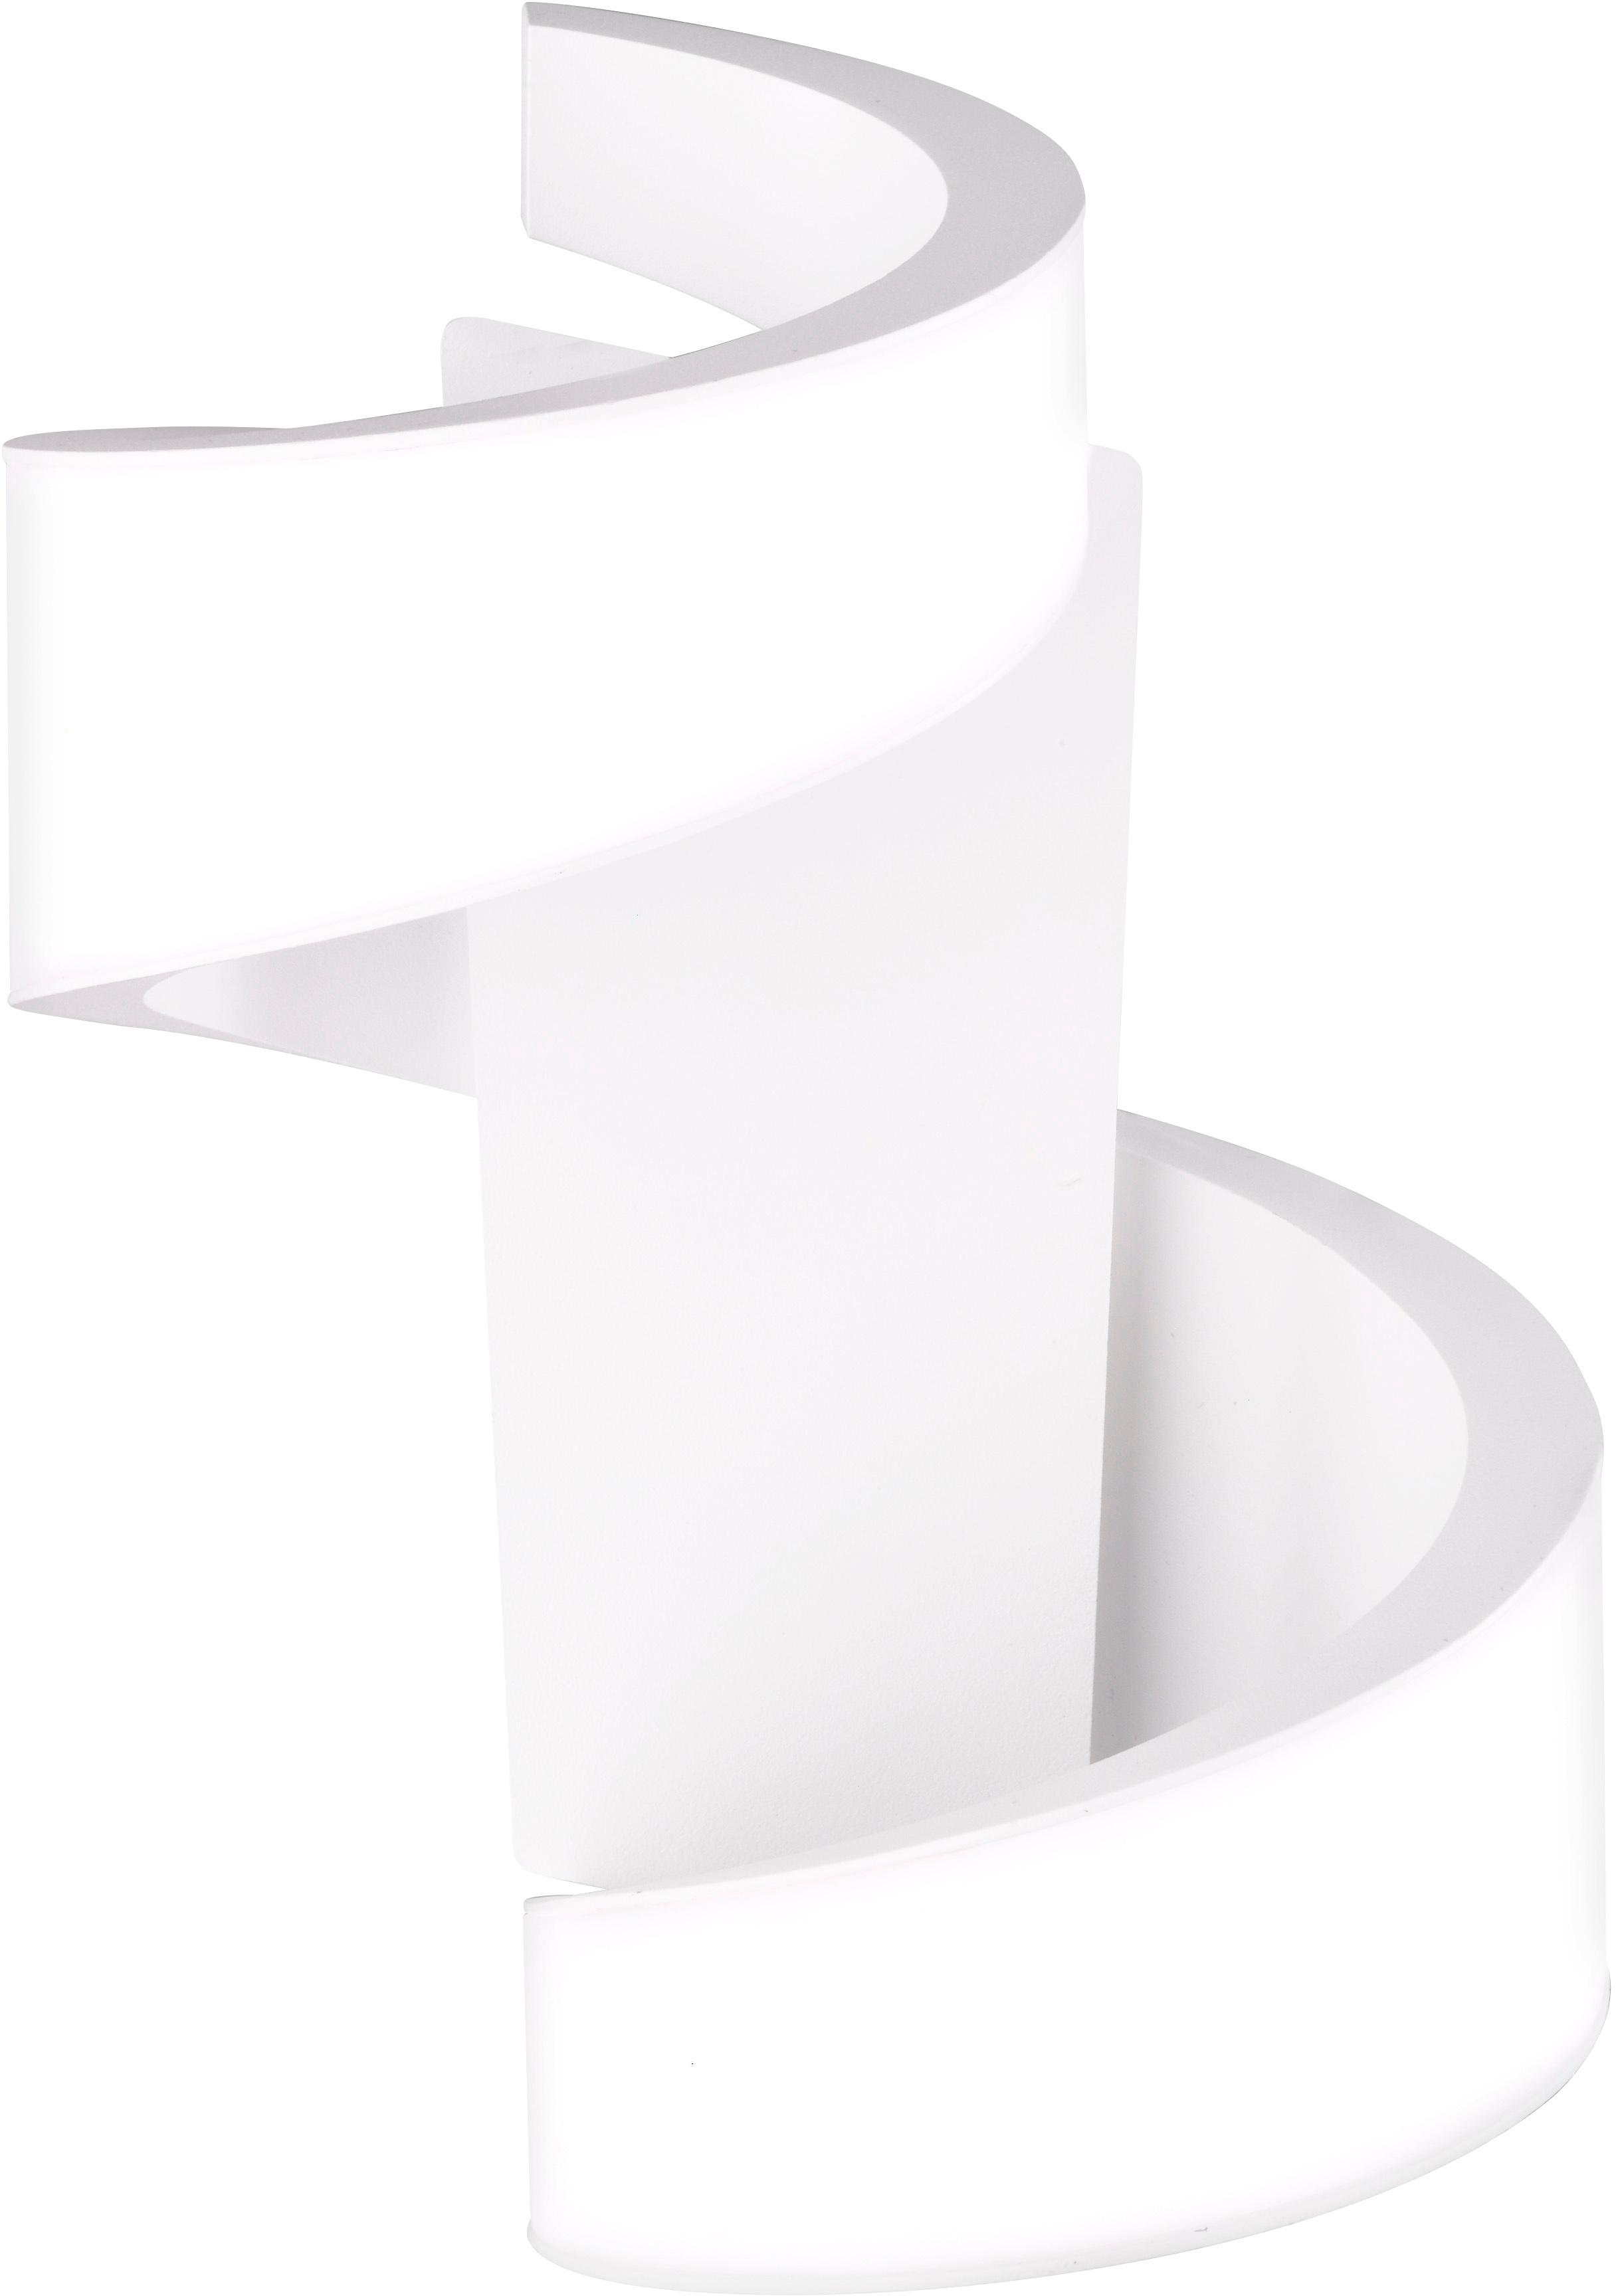 FISCHER & HONSEL,LED Wandleuchte Mark